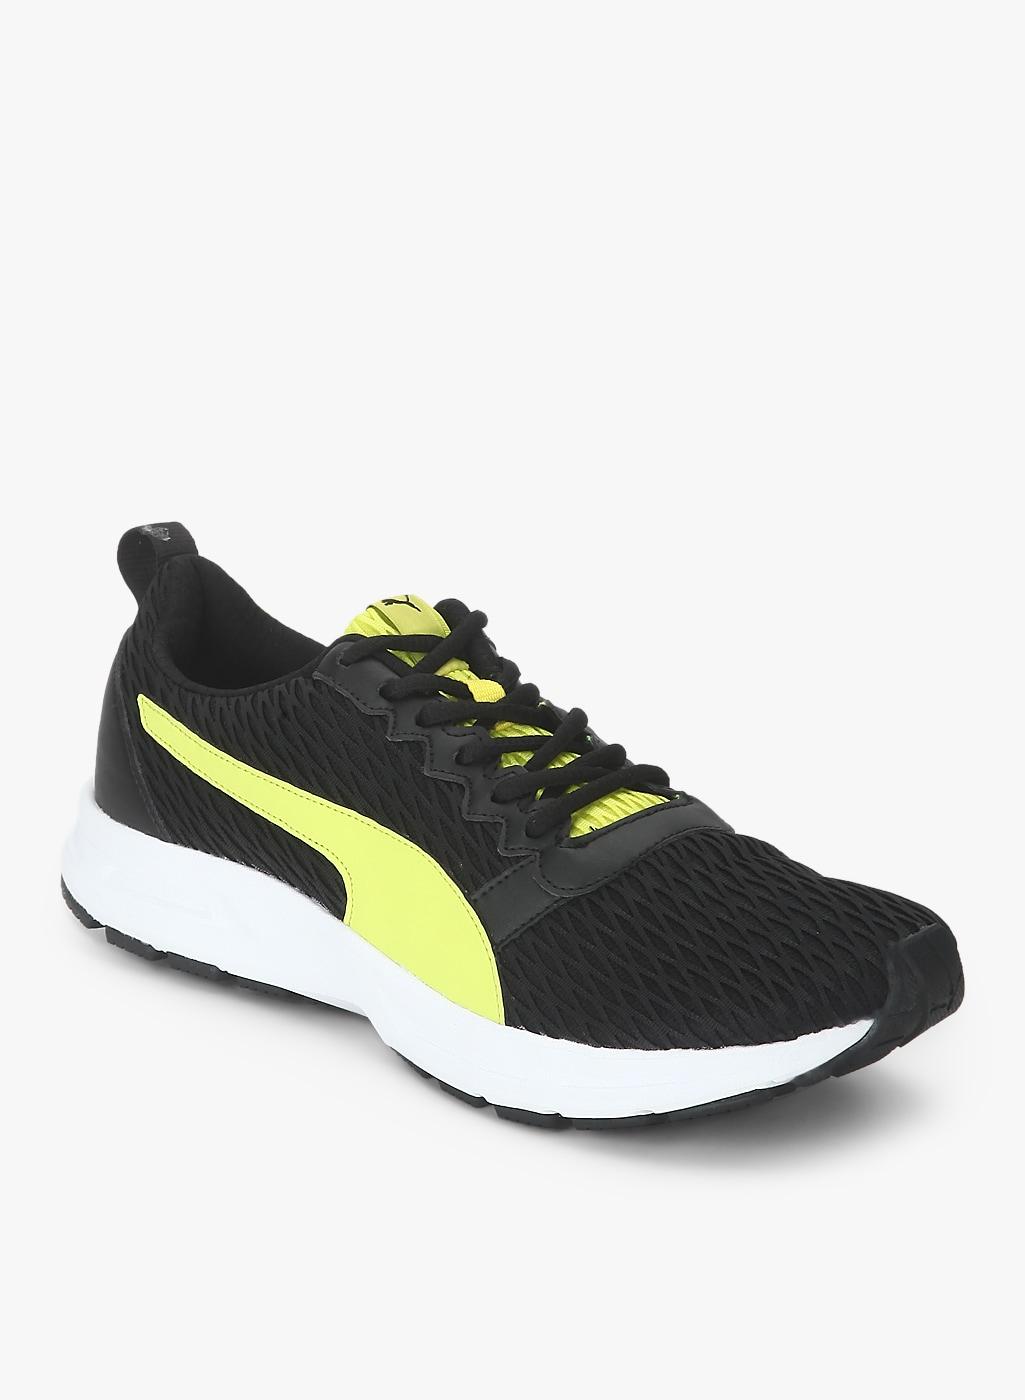 b91c2bbff82 Men Footwear - Buy Mens Footwear   Shoes Online in India - Myntra